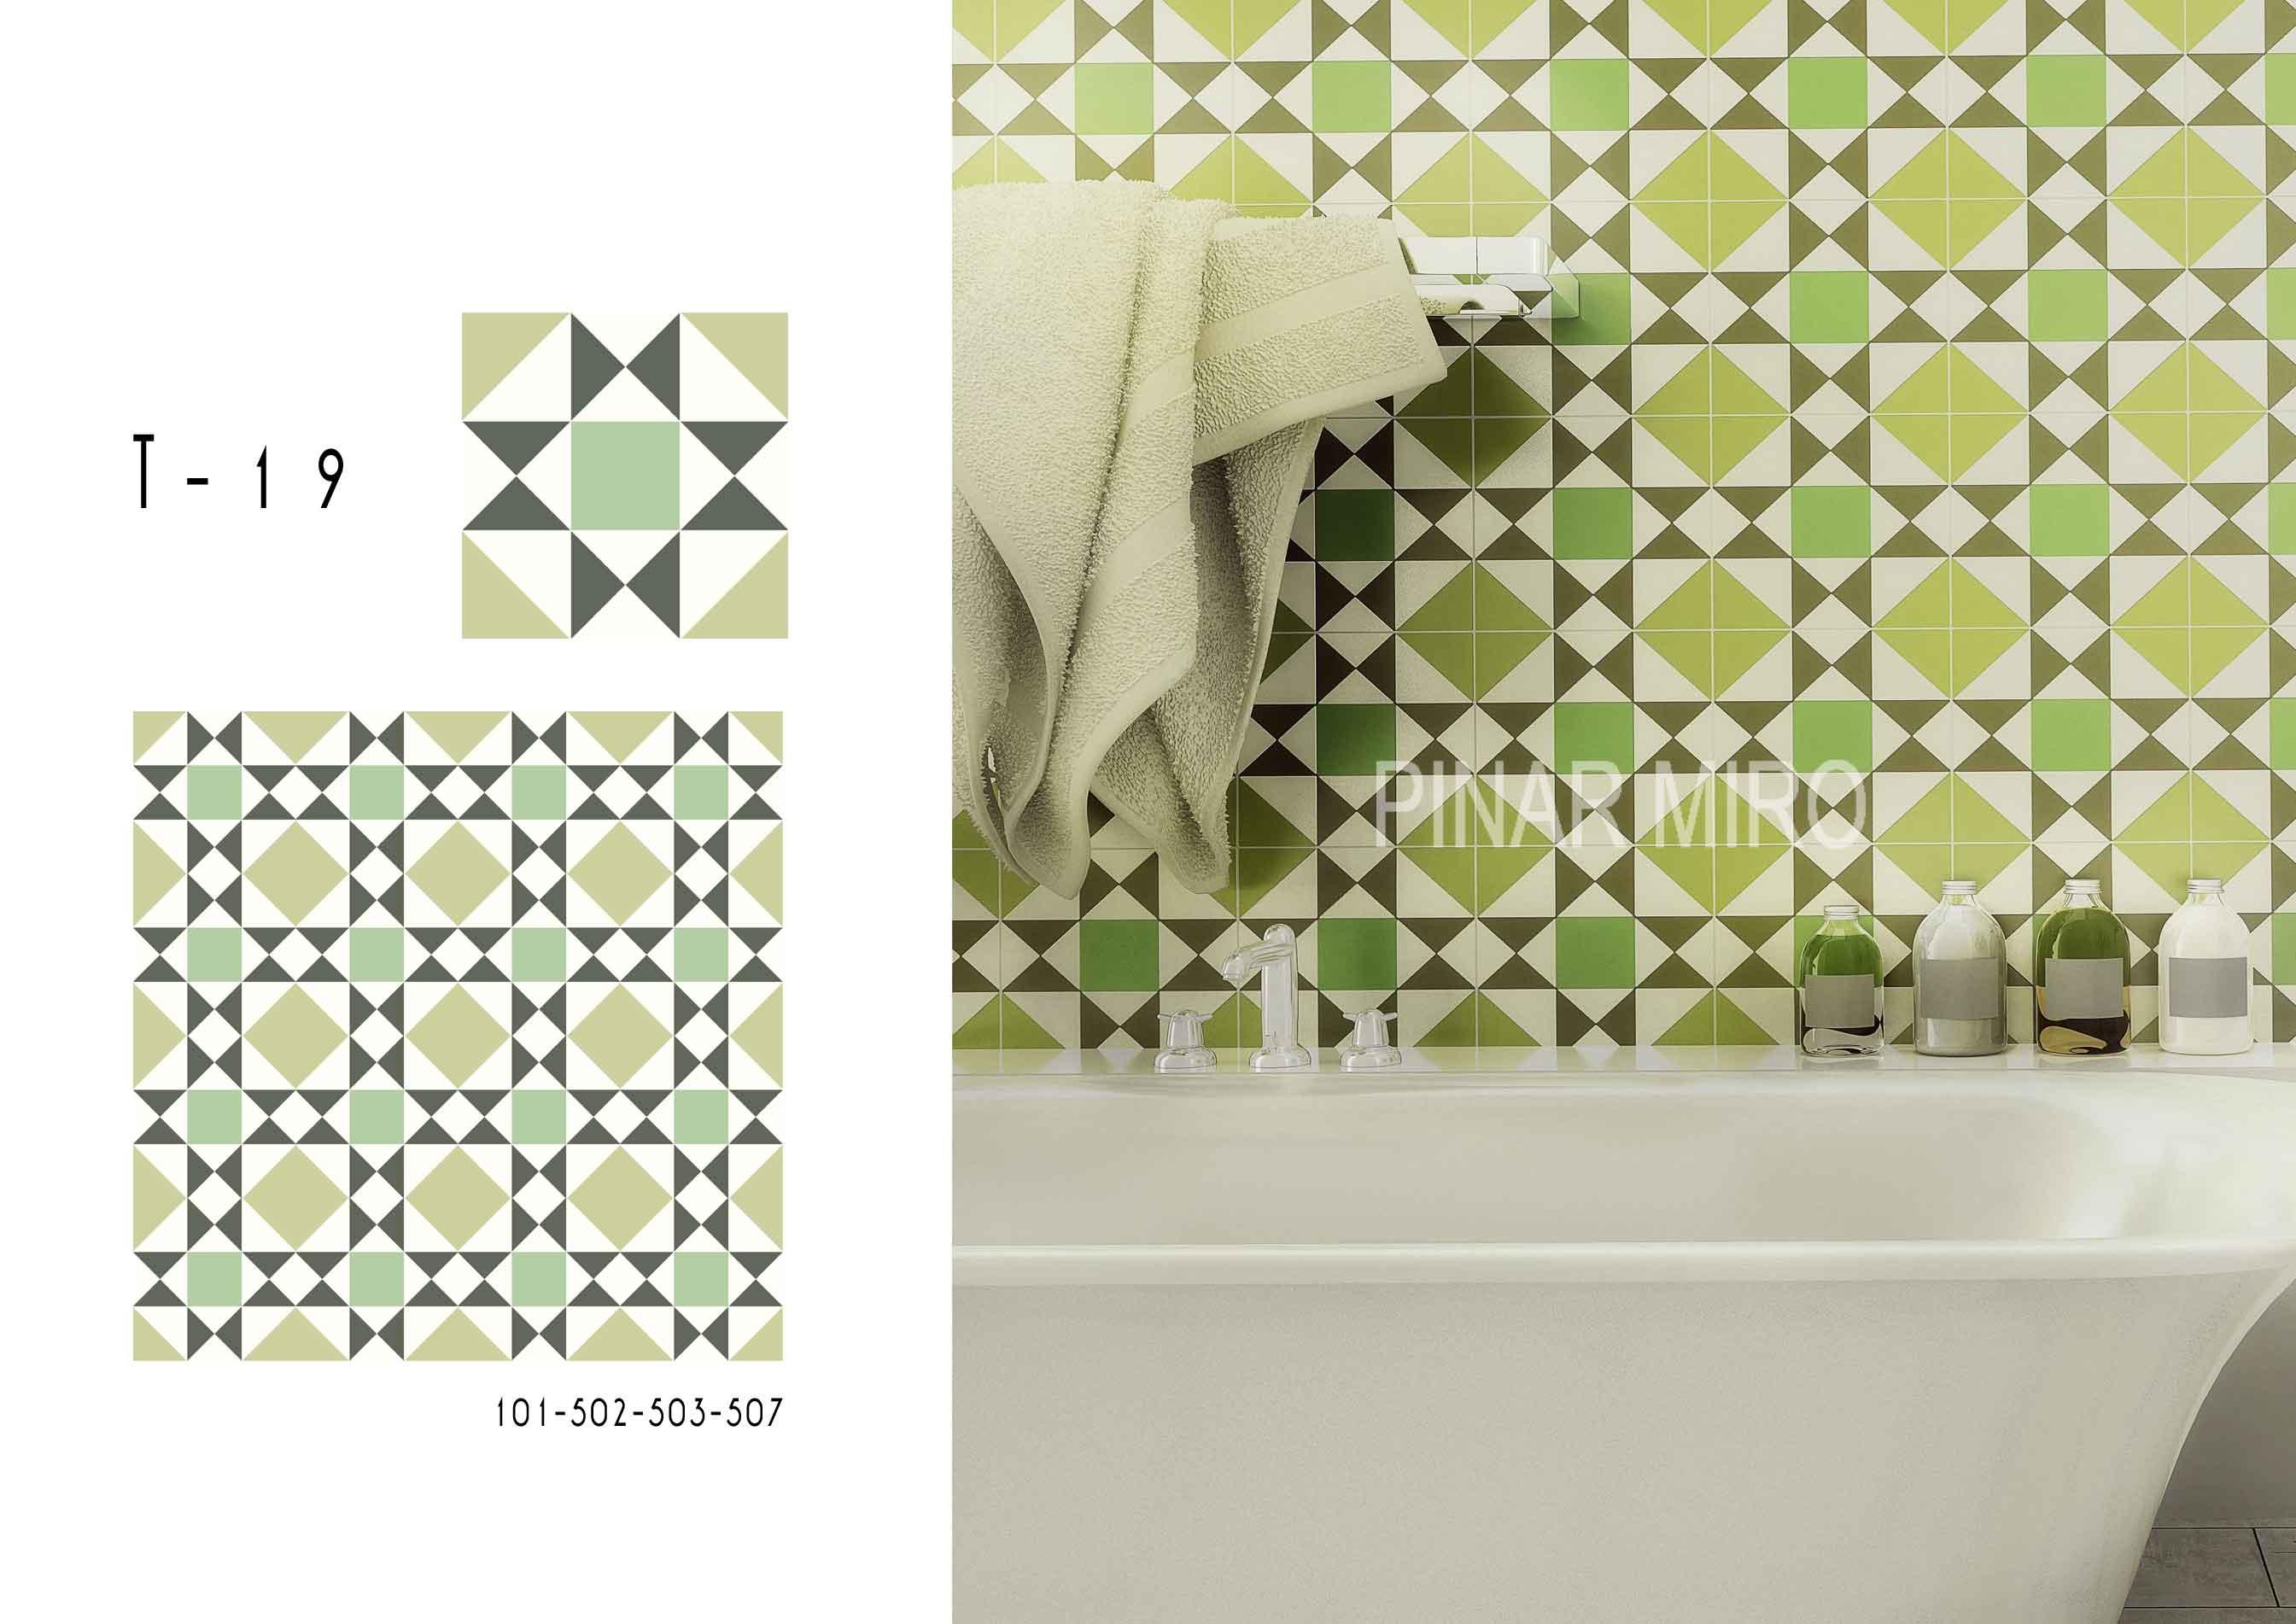 1t019-pinar-miro-cement-tiles